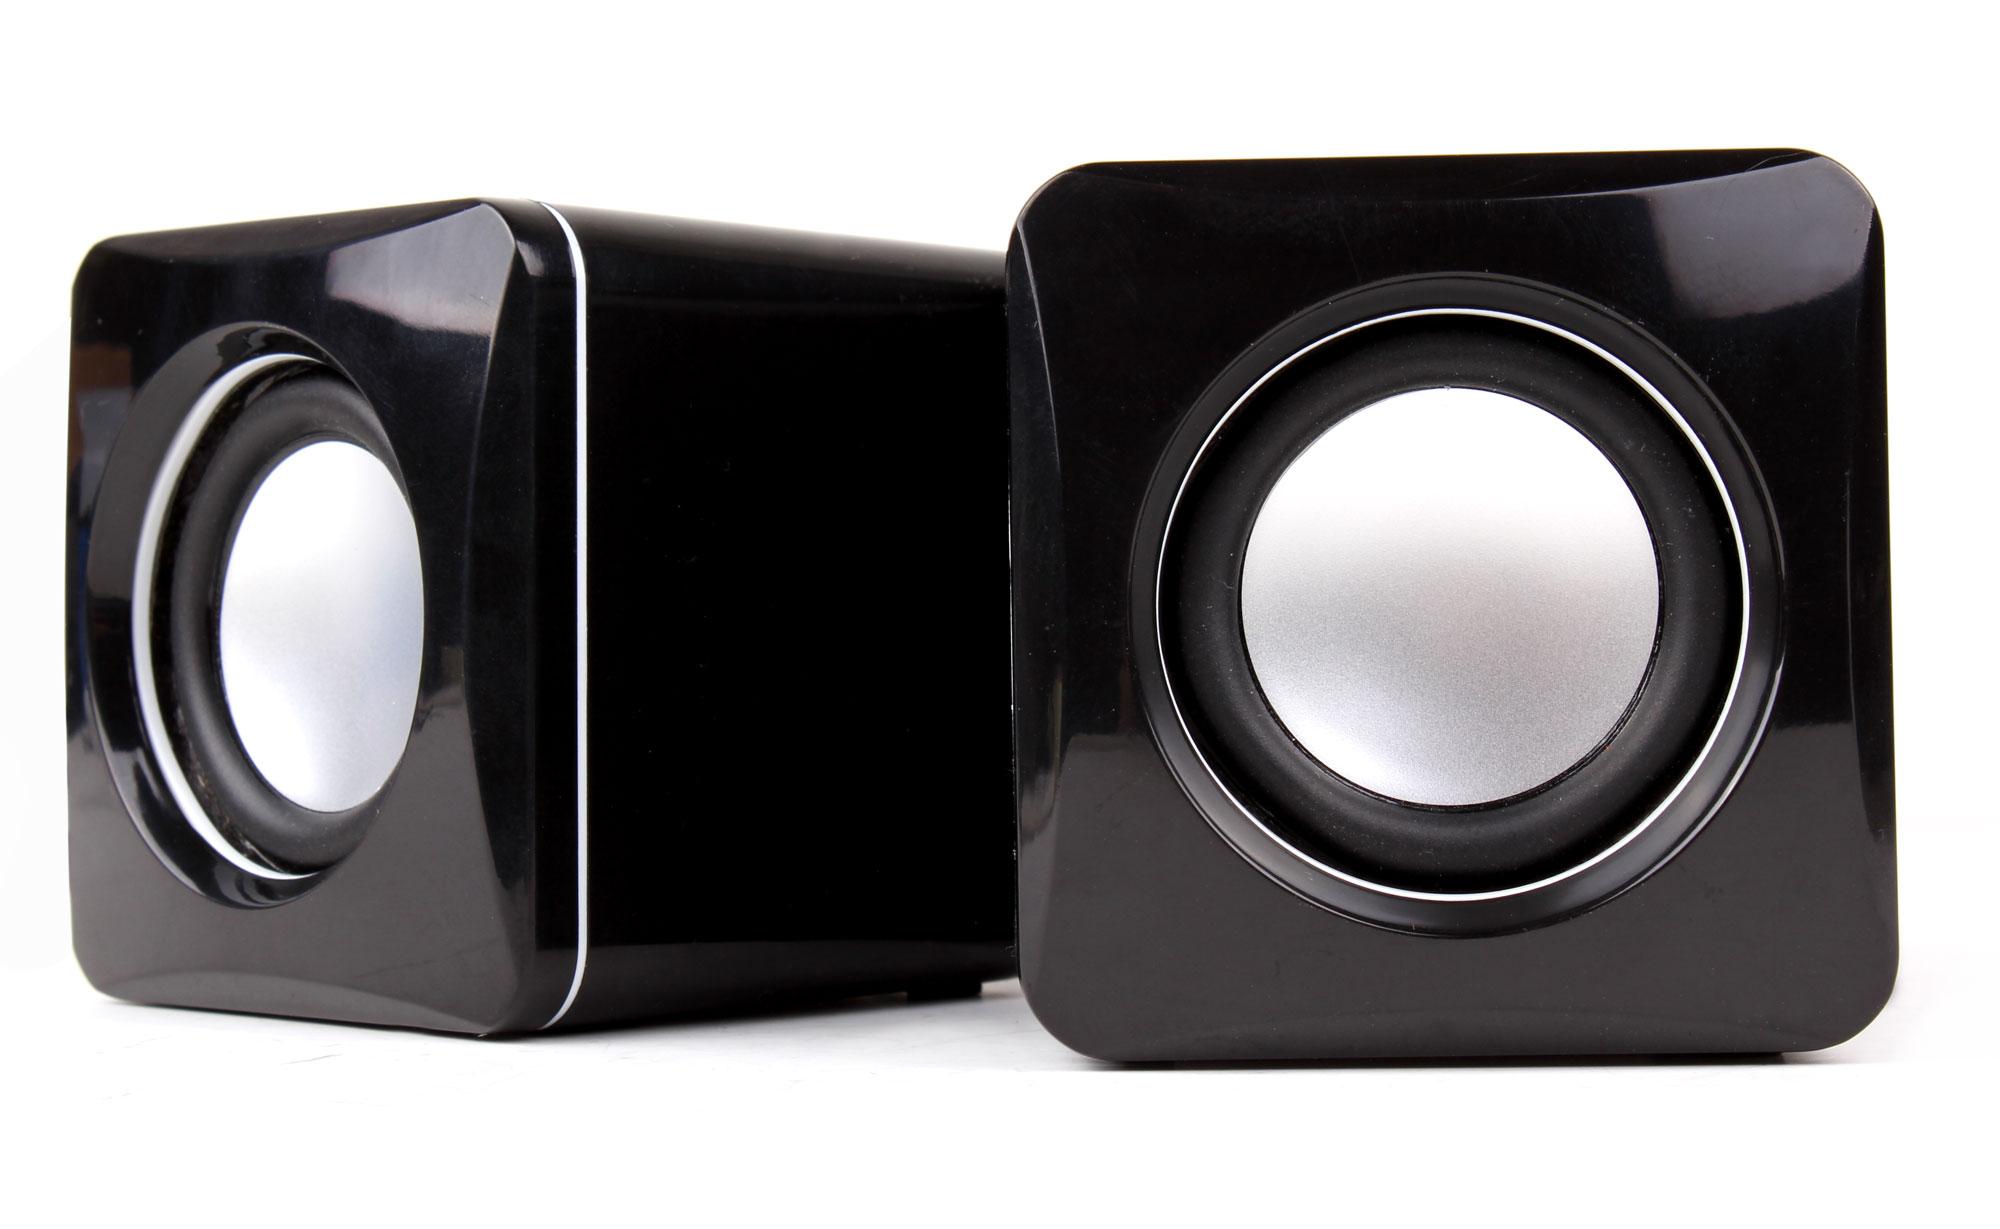 mini haut parleurs enceintes pour google nexus 10 tablette. Black Bedroom Furniture Sets. Home Design Ideas